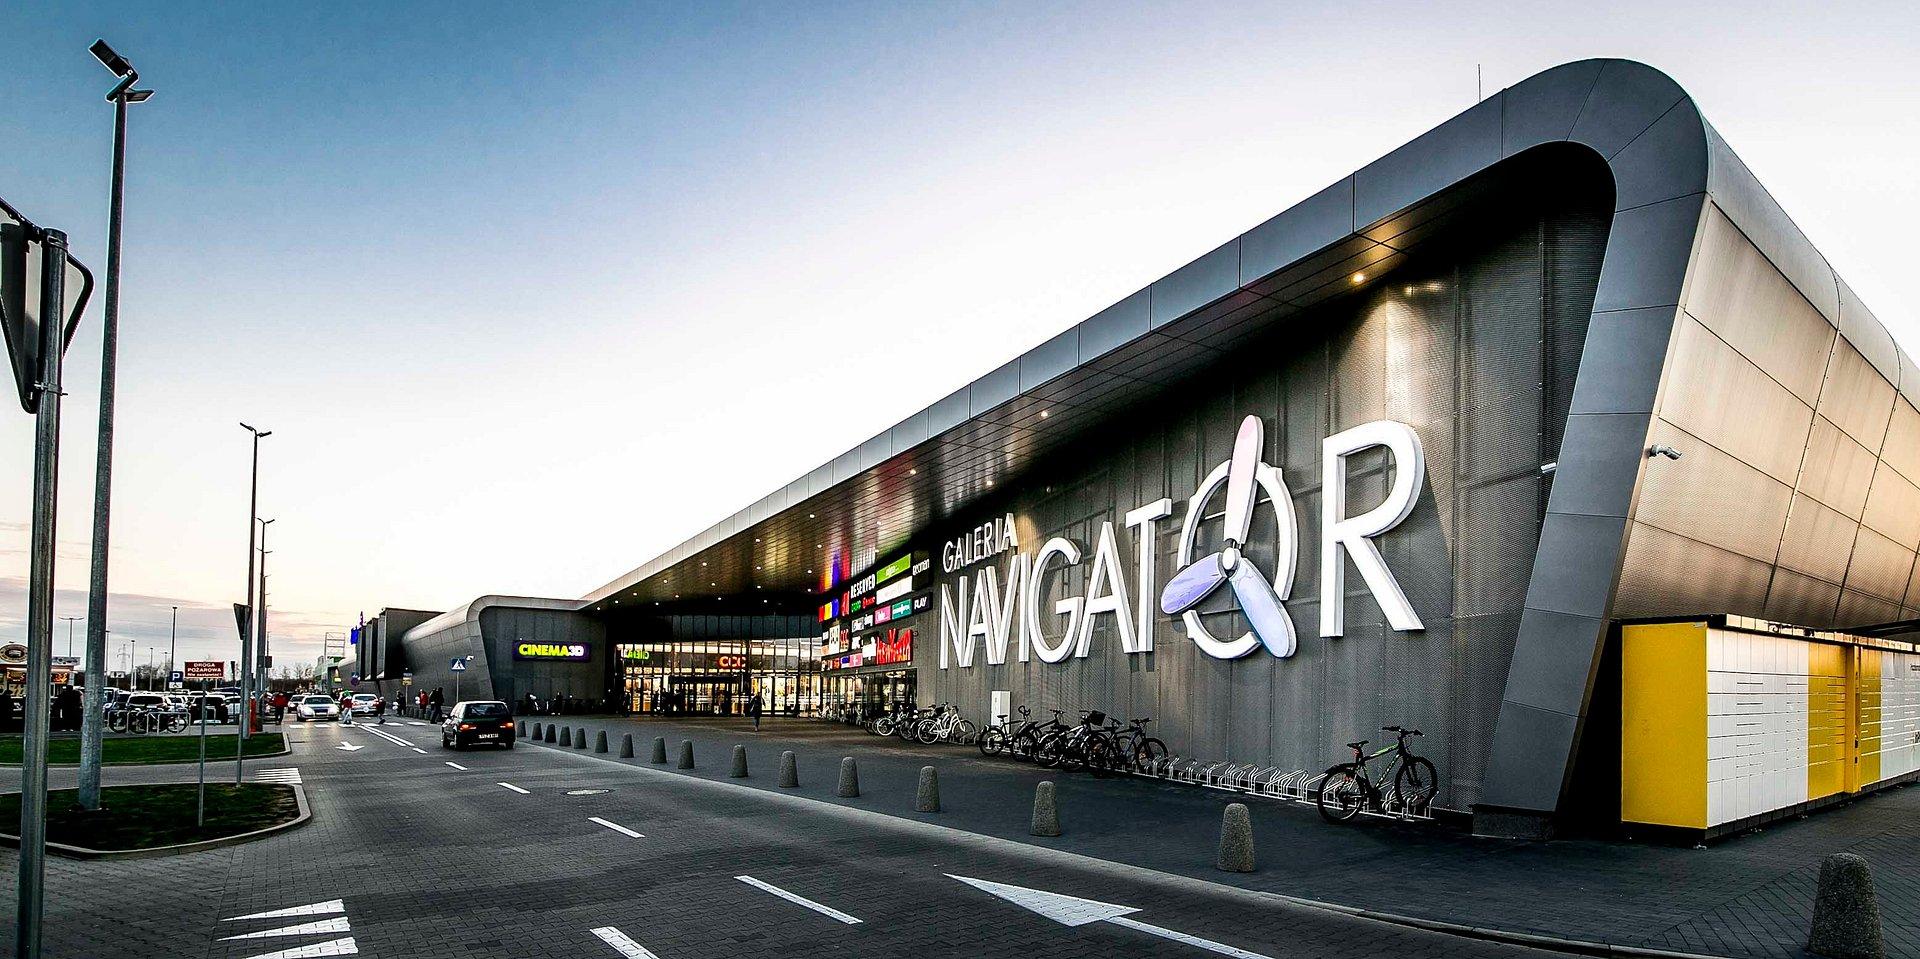 Galeria Navigator w Mielcu: centrum handlowe będzie jeszcze większe